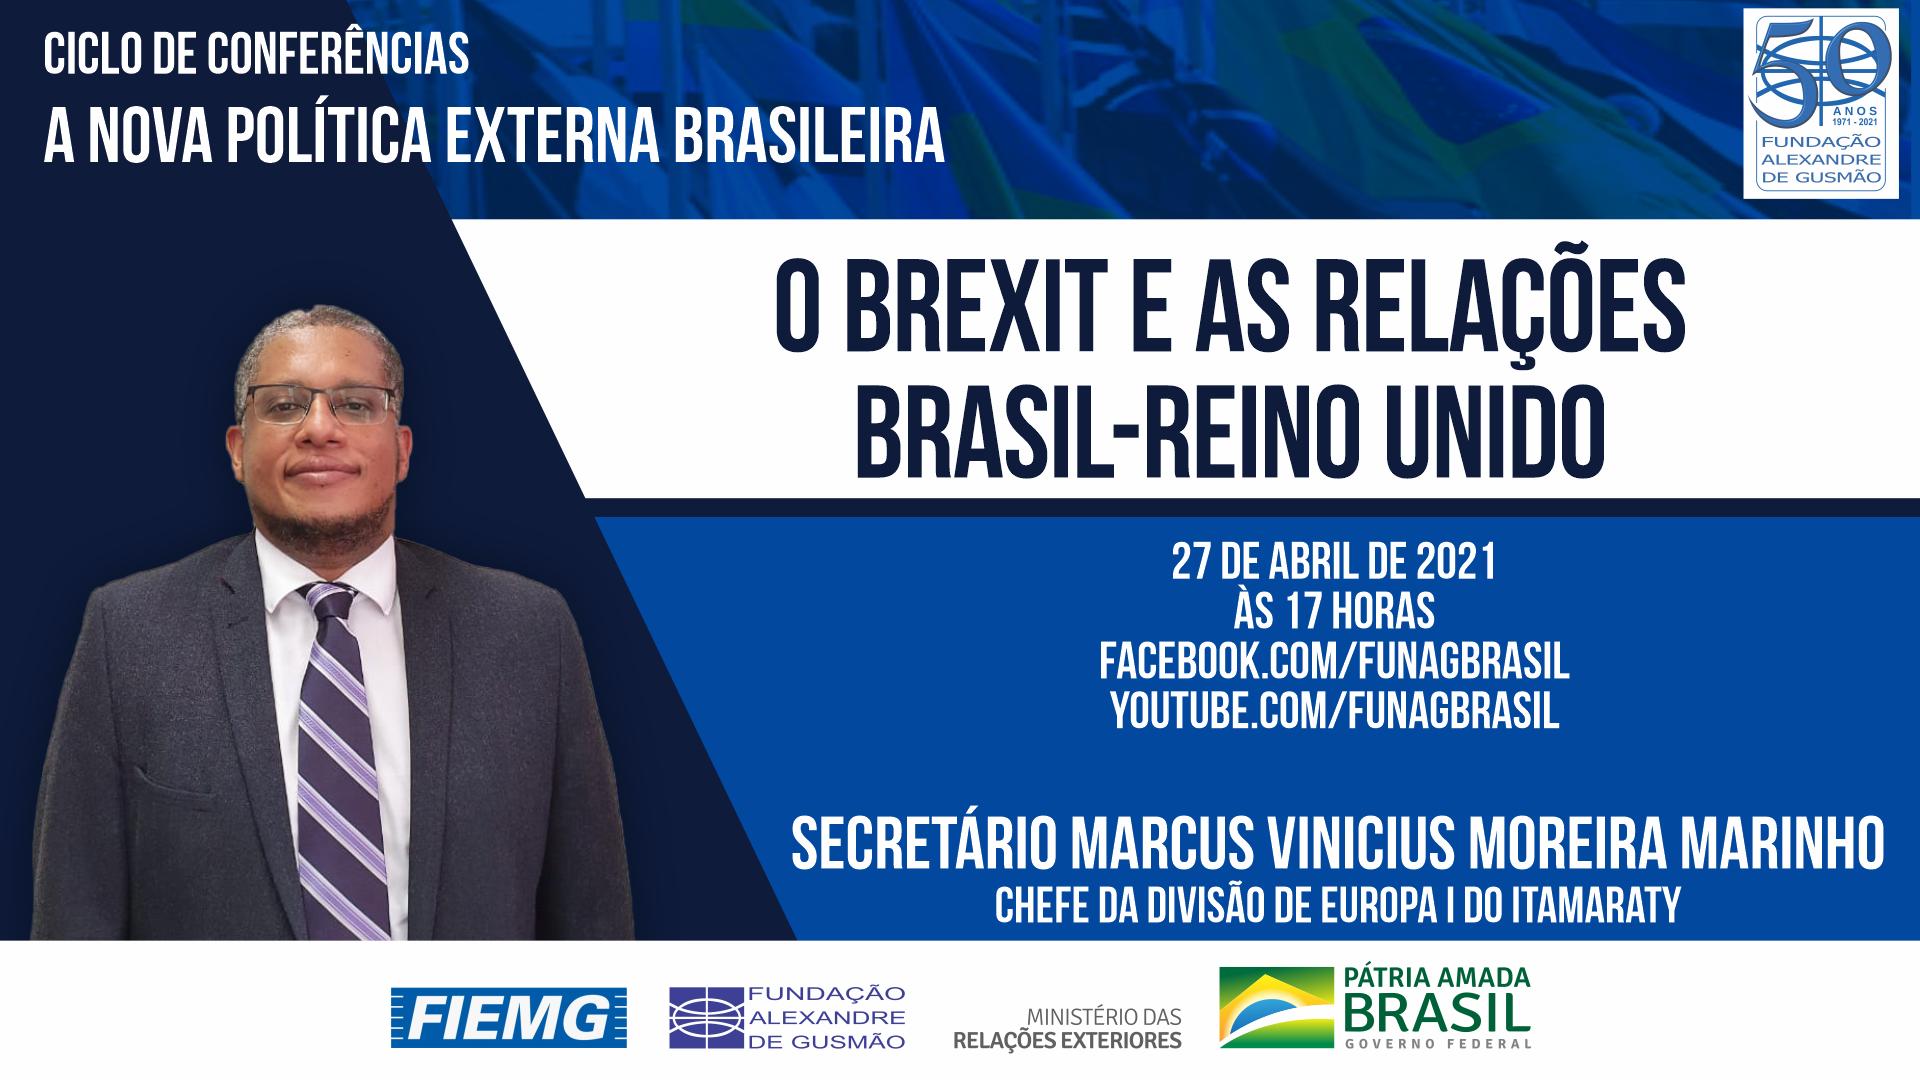 Assista aos vídeos da conferência do Chefe da Divisão de Europa I do Itamaraty, Secretário Marcus Vinicius Moreira Marinho